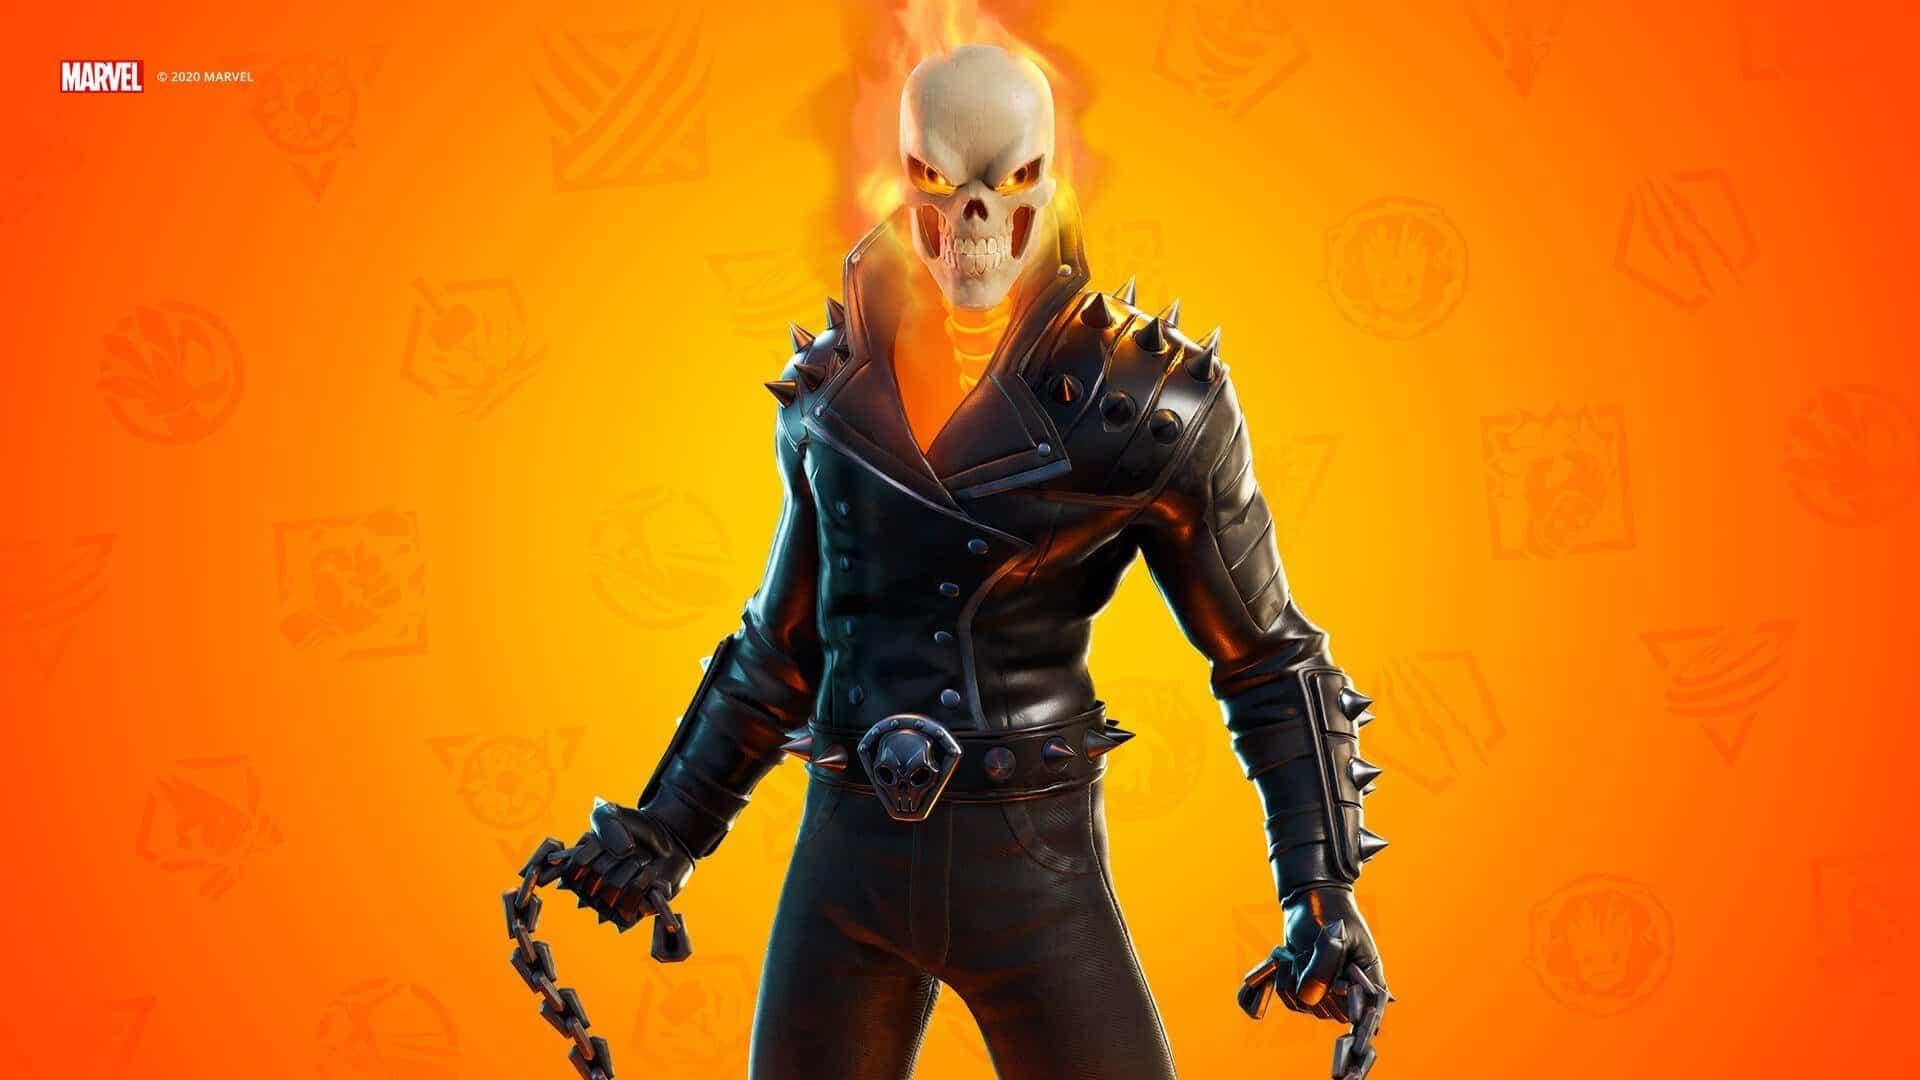 Cómo conseguir gratis la skin de Ghost Rider en Fortnite | Kyaooo